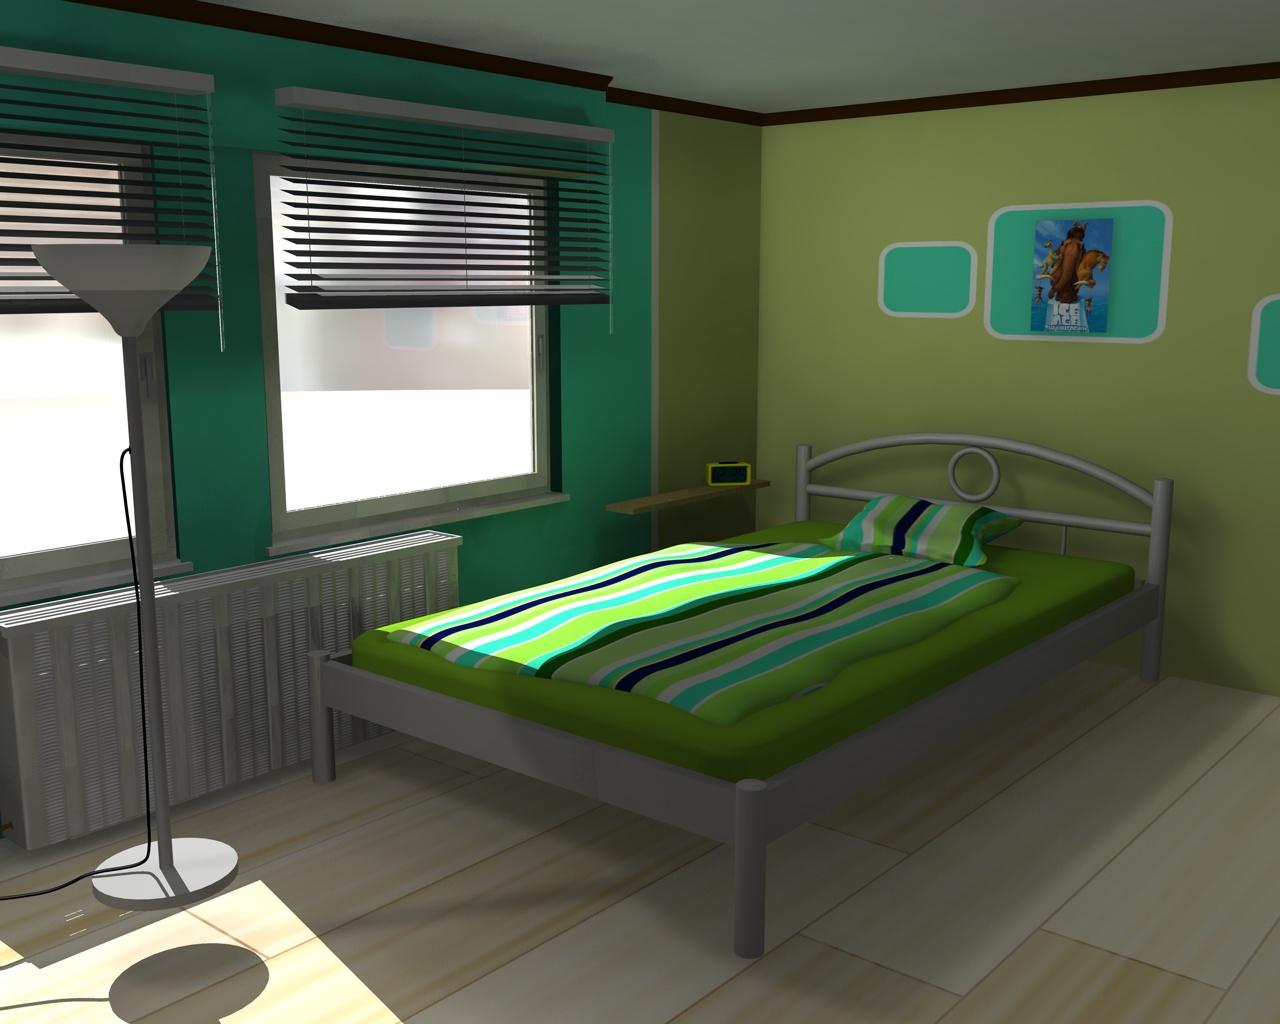 mein zimmer im pc v1 4 by blueeagle6 on deviantart. Black Bedroom Furniture Sets. Home Design Ideas